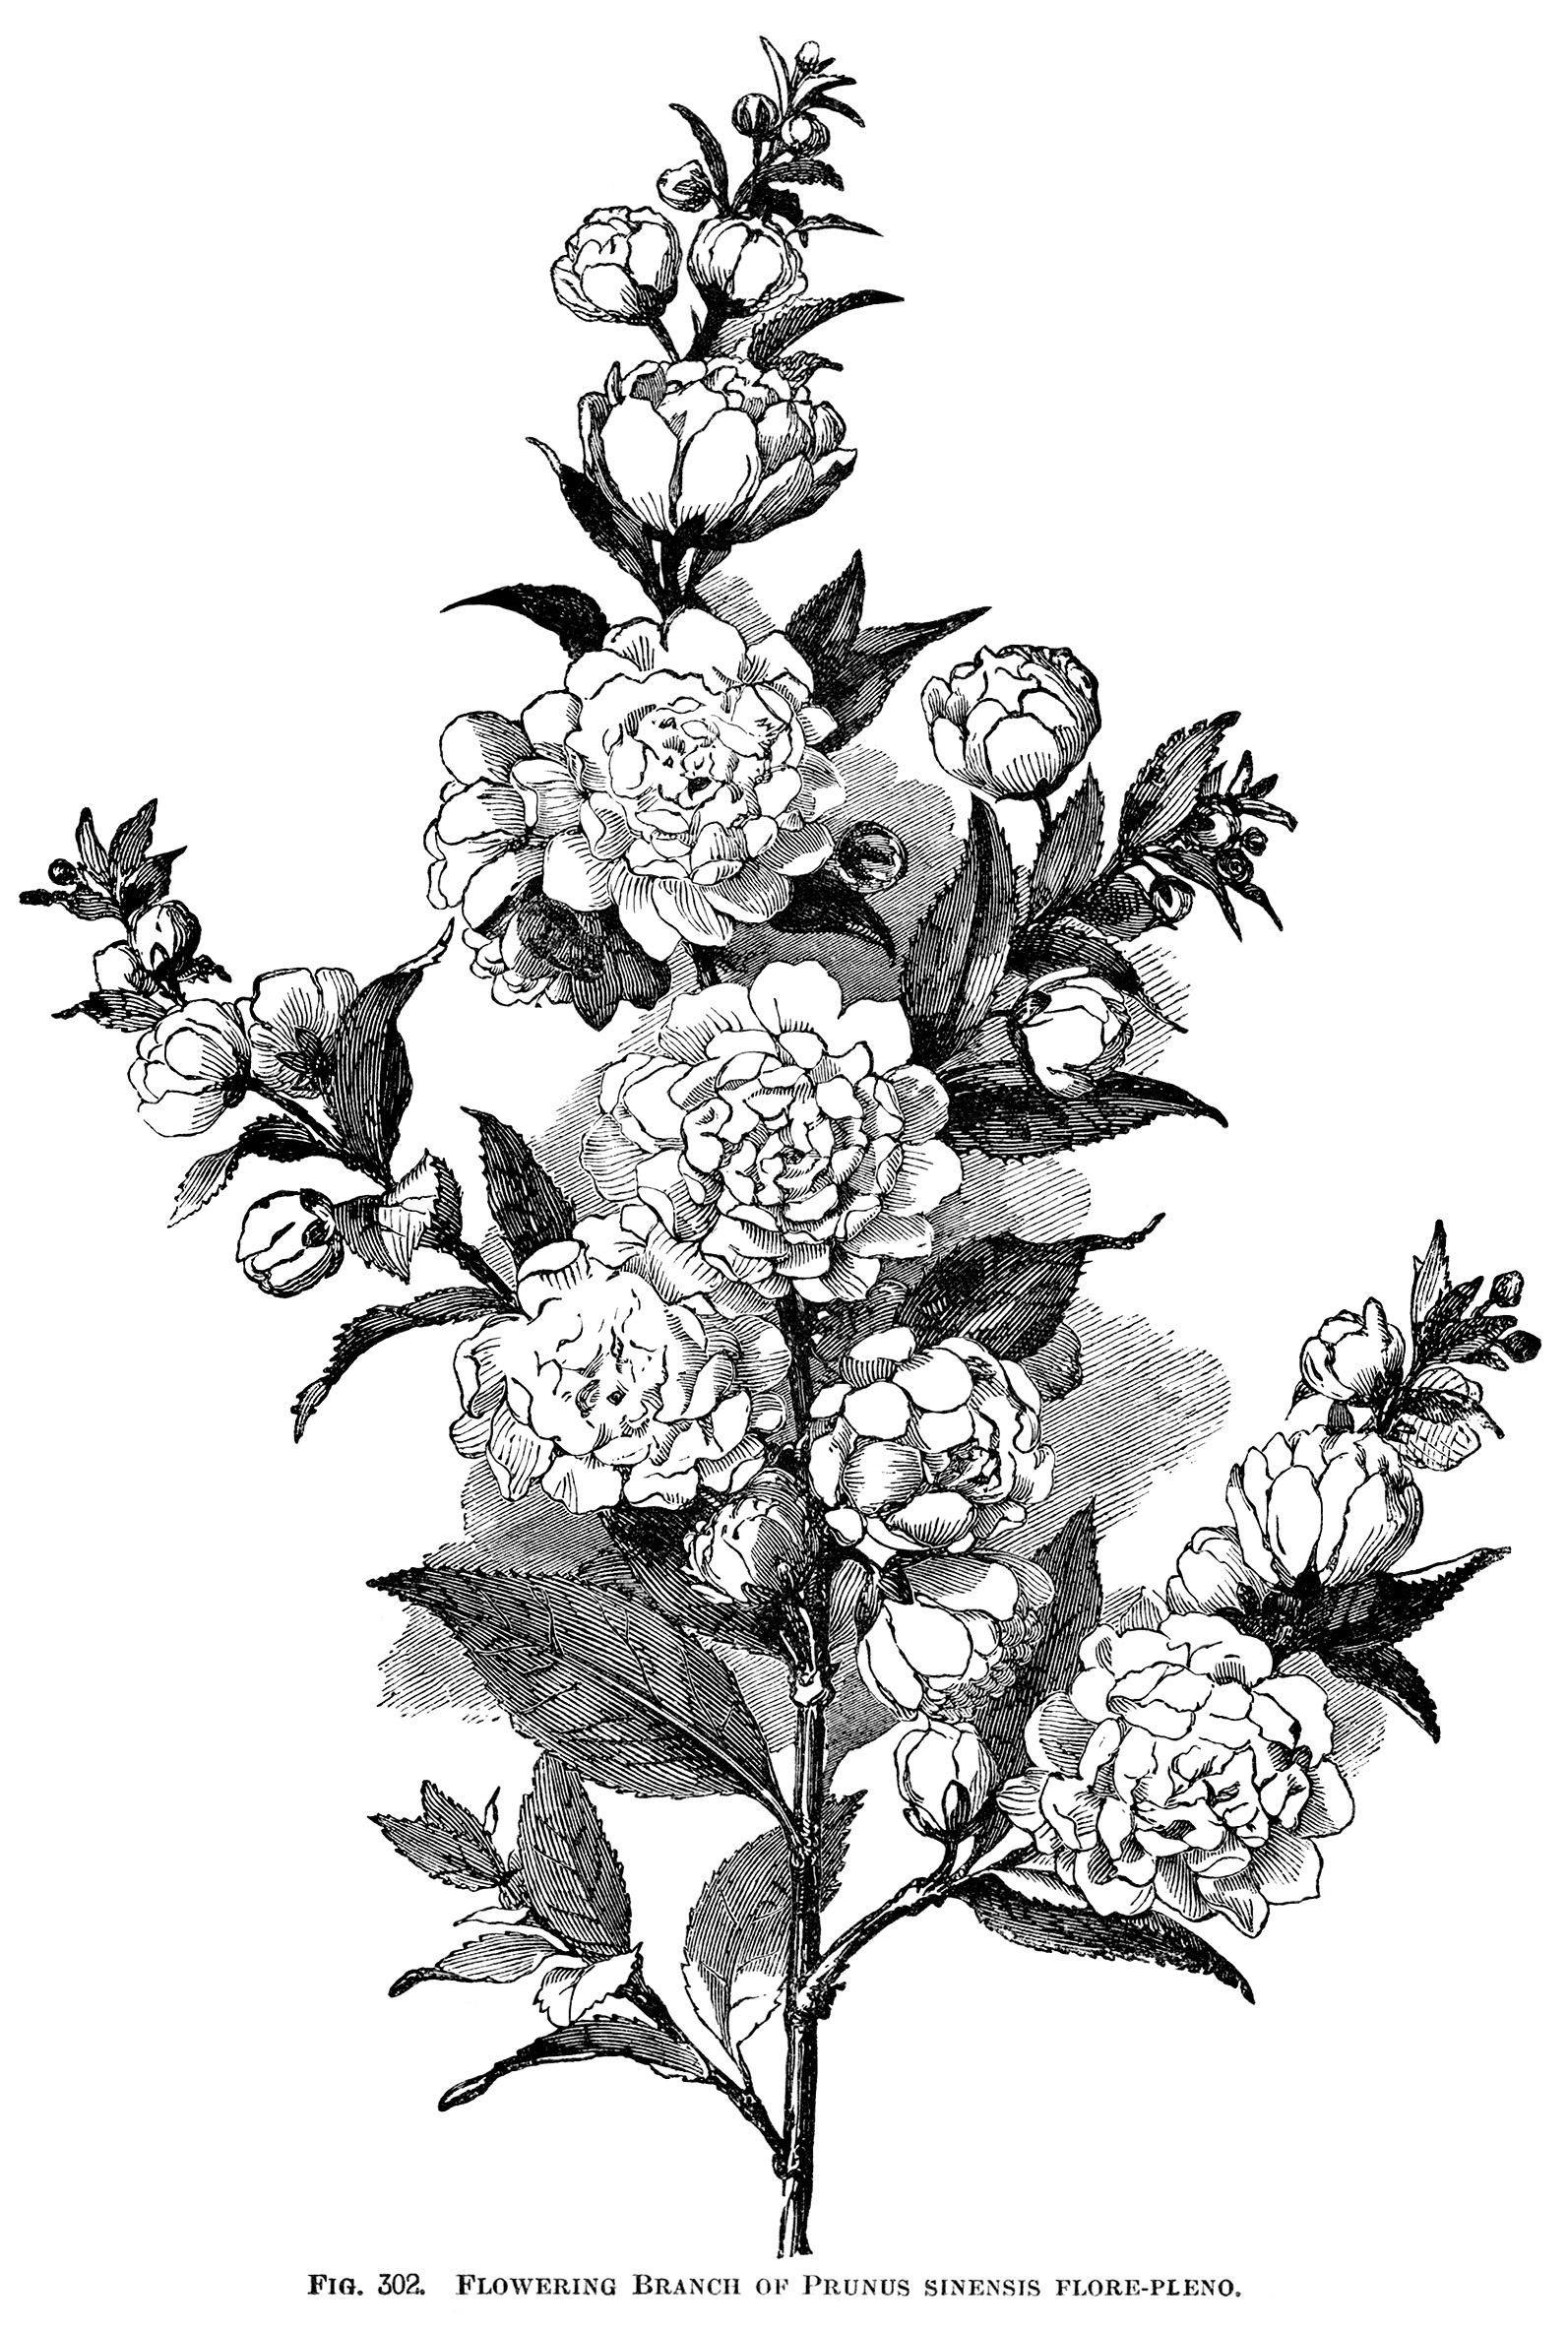 Engraving clipart floral Tree floral illustration vintage engraving